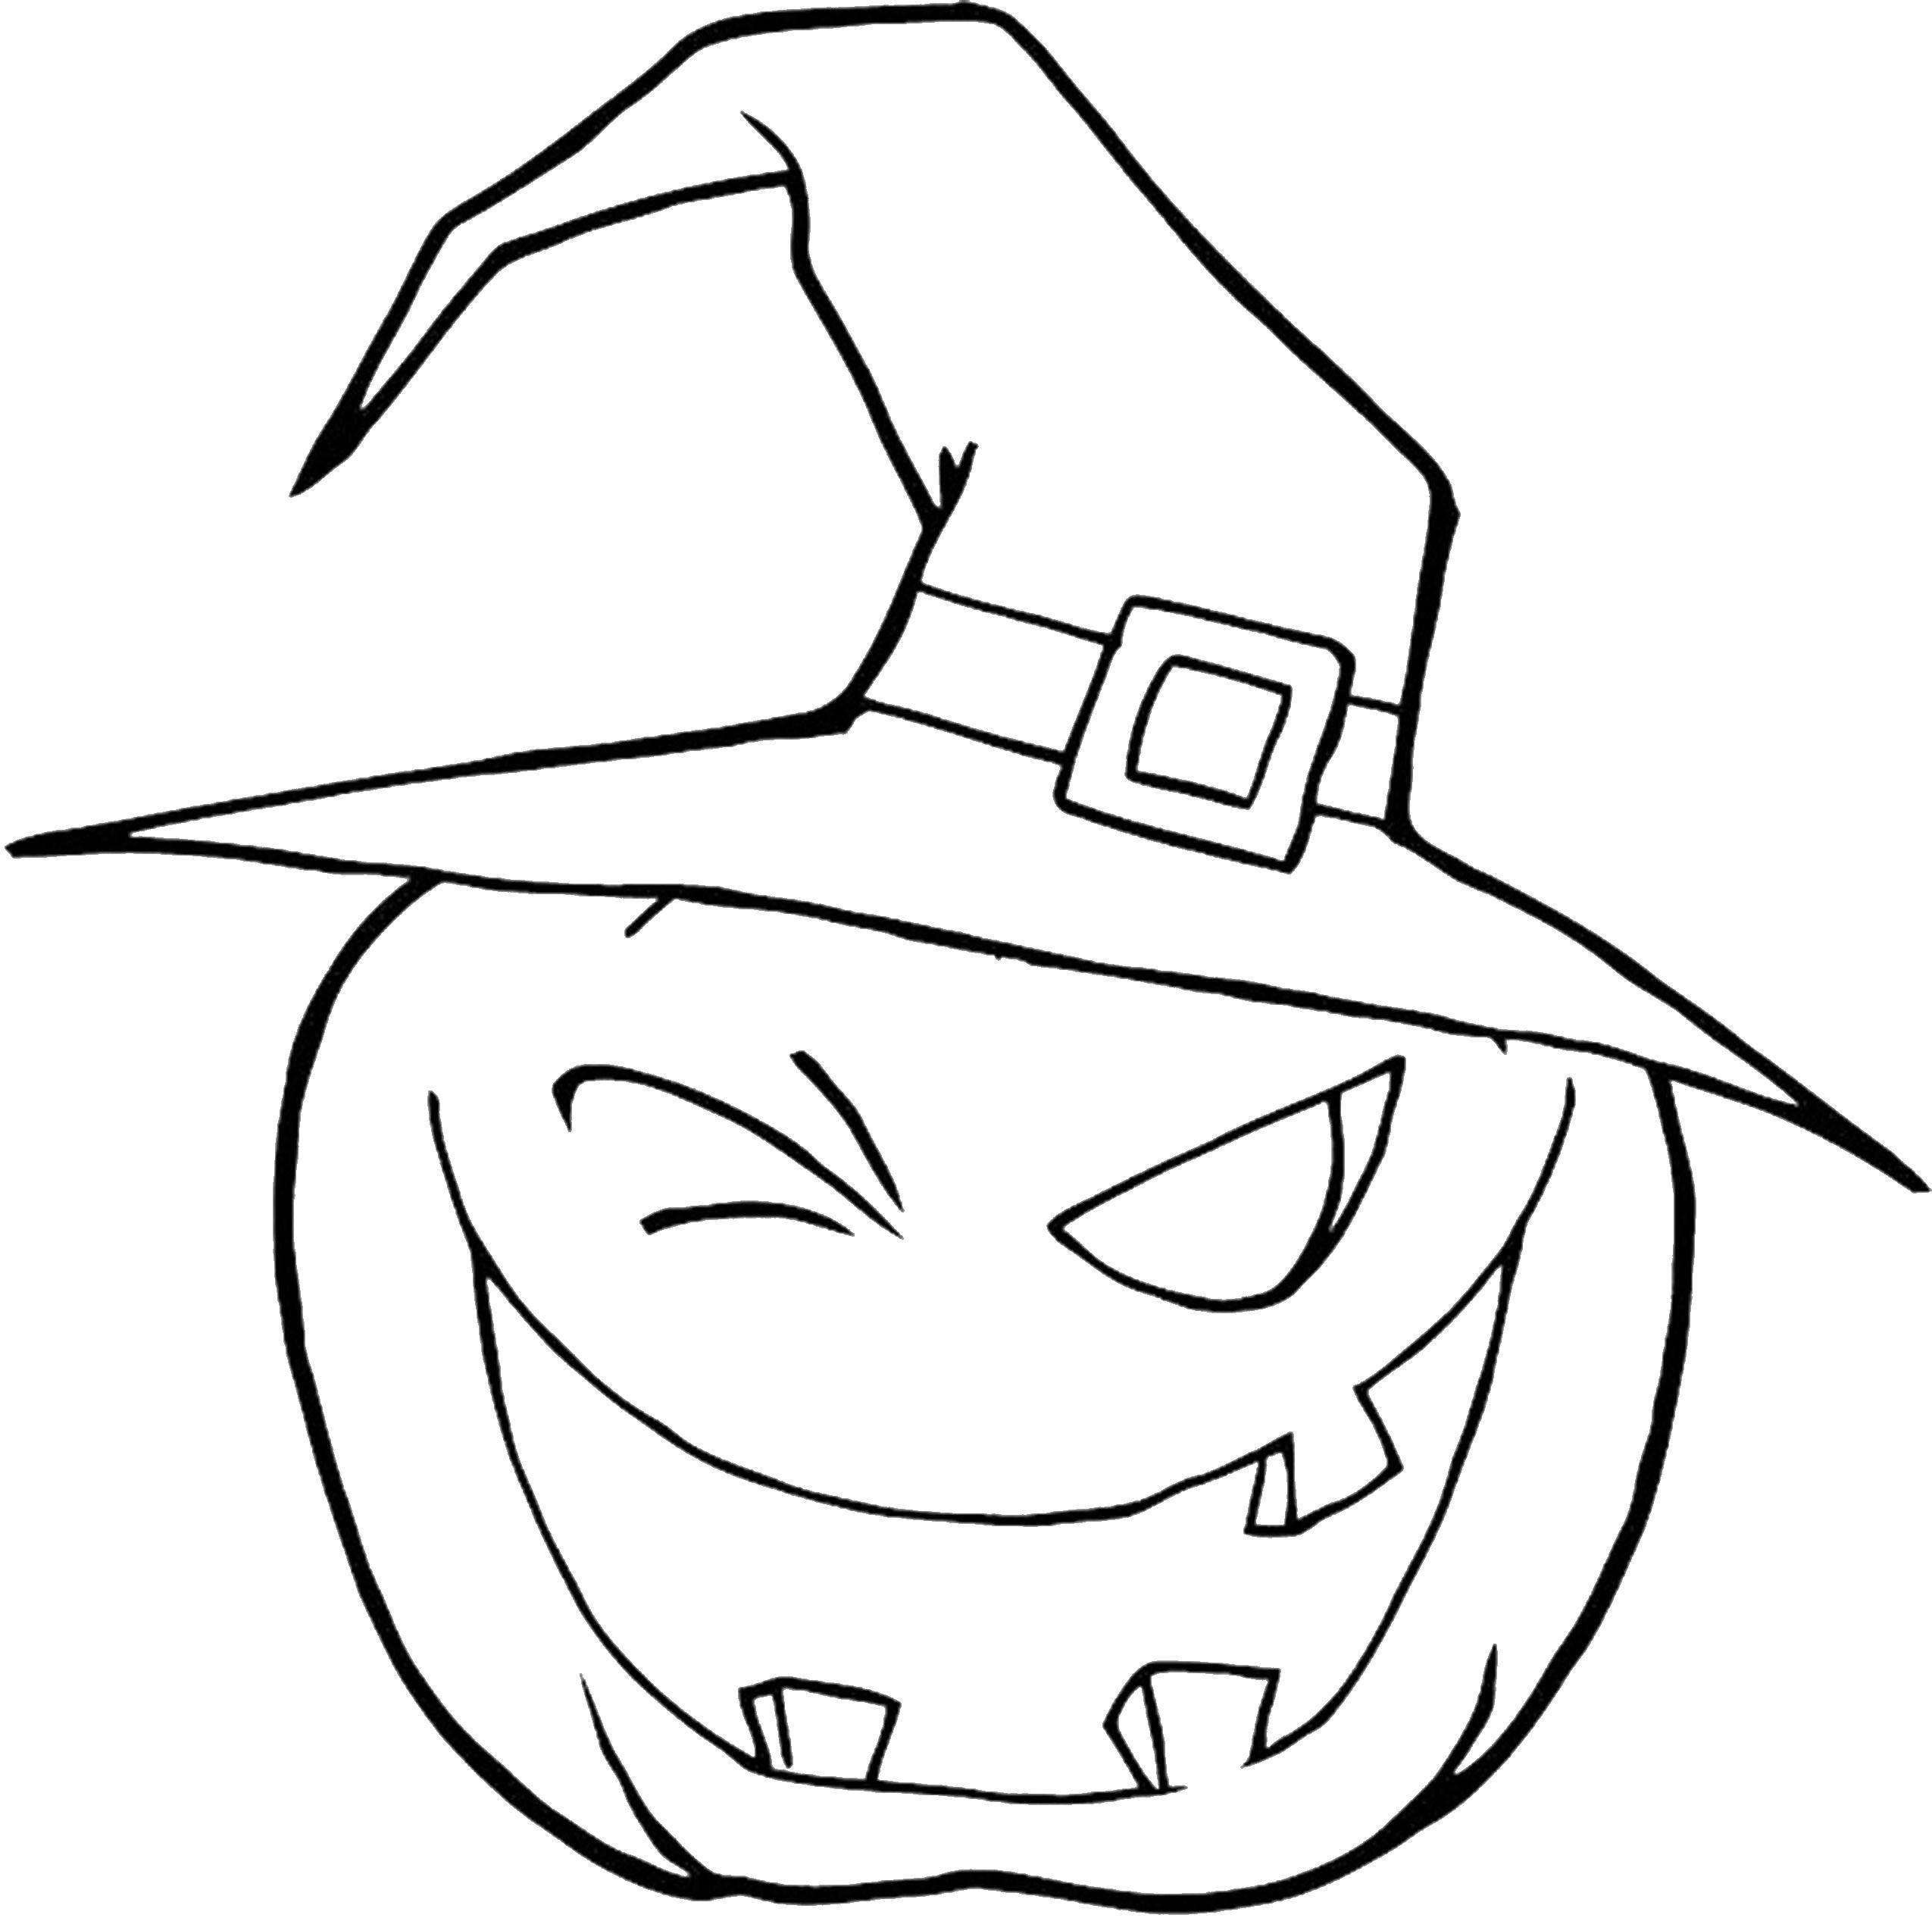 Раскраска Тыква в шляпе Скачать тыквы, хэллоуин, праздник, шляпа.  Распечатать ,тыква на хэллоуин,